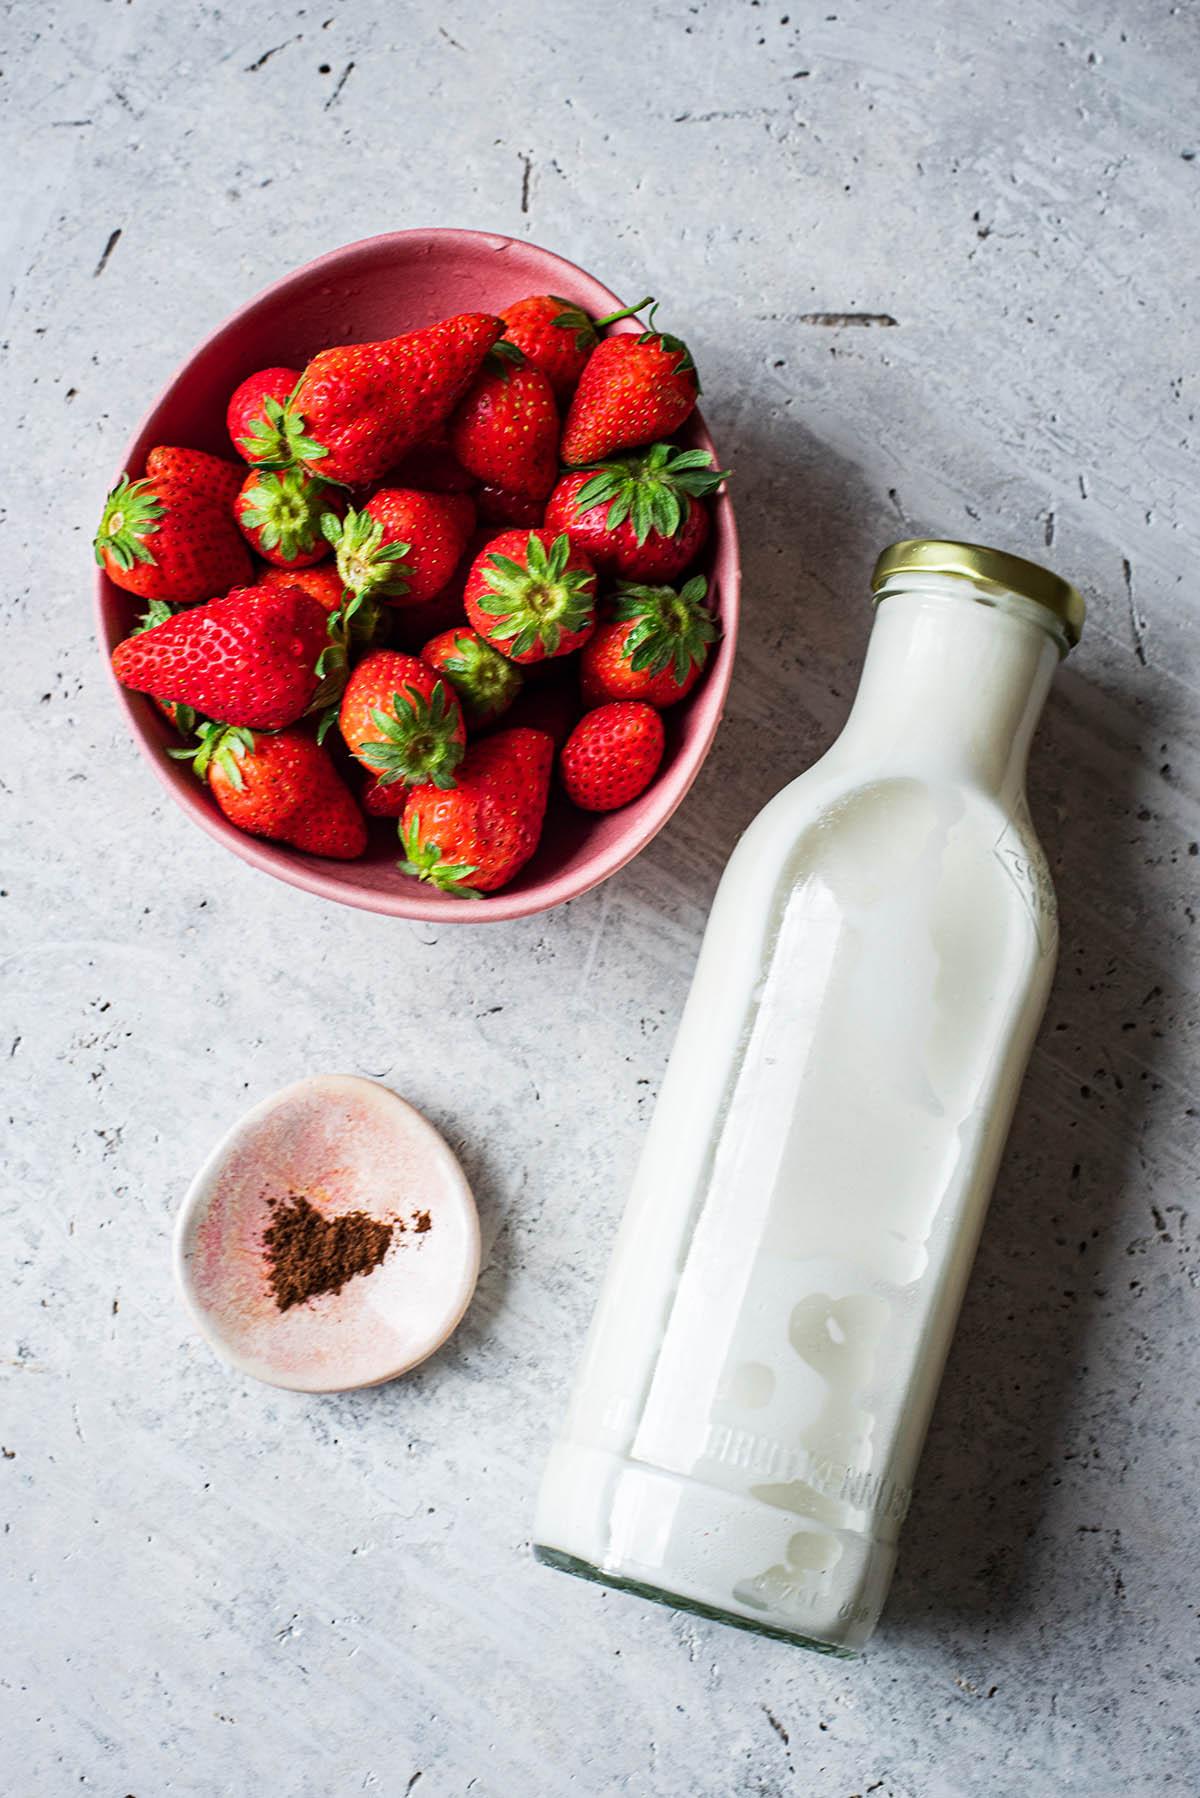 Strawberry Milk ingredients.